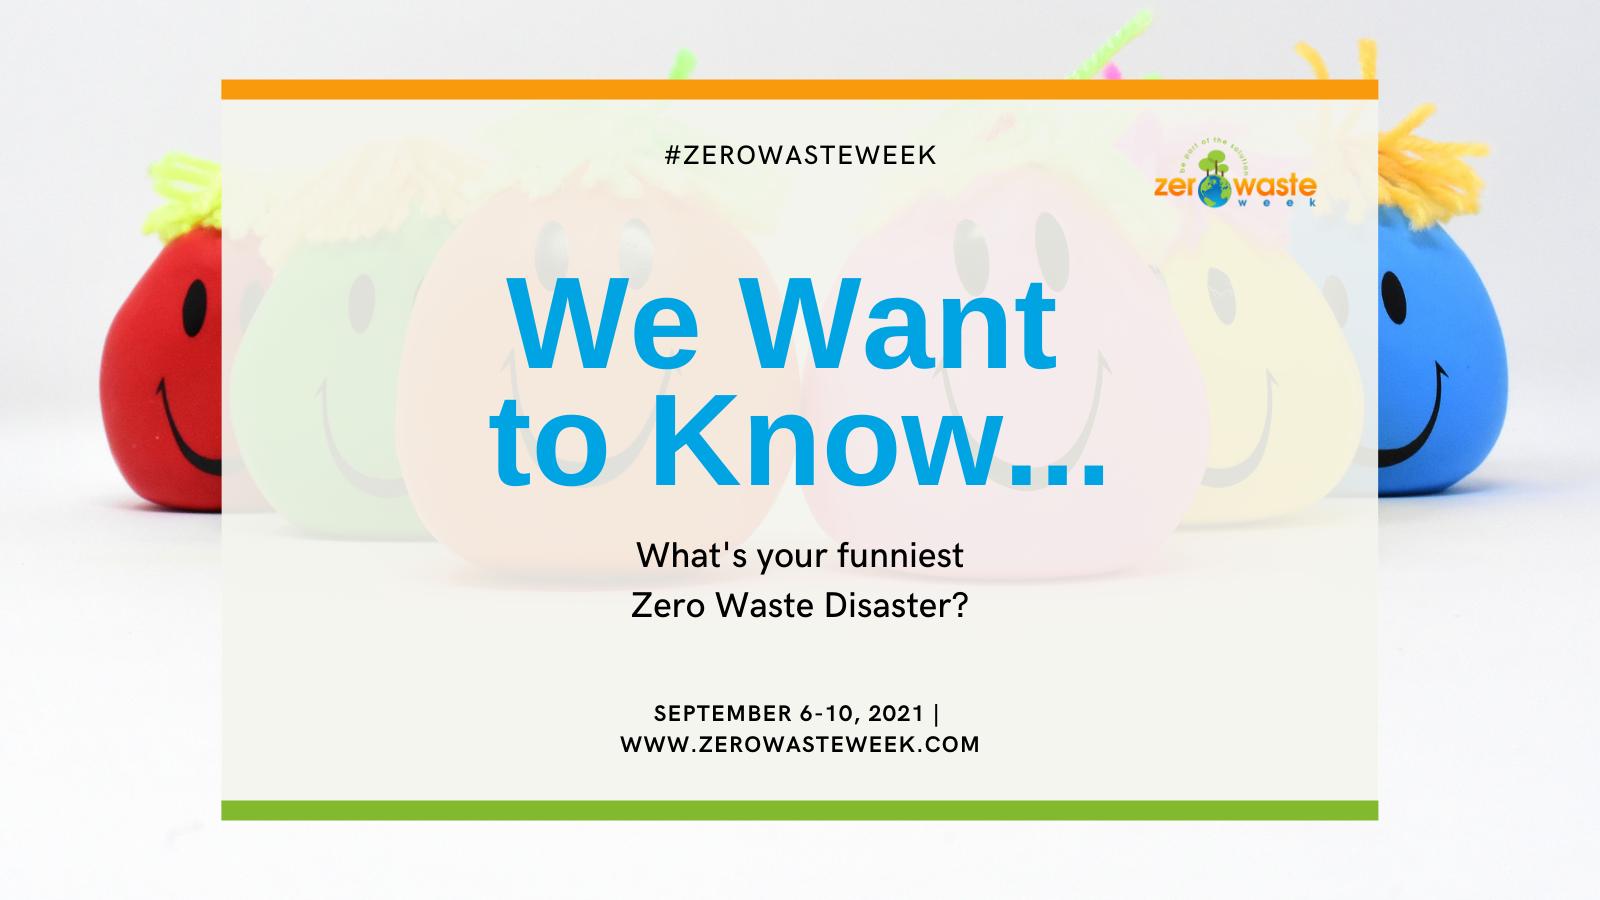 zero waste week day three question